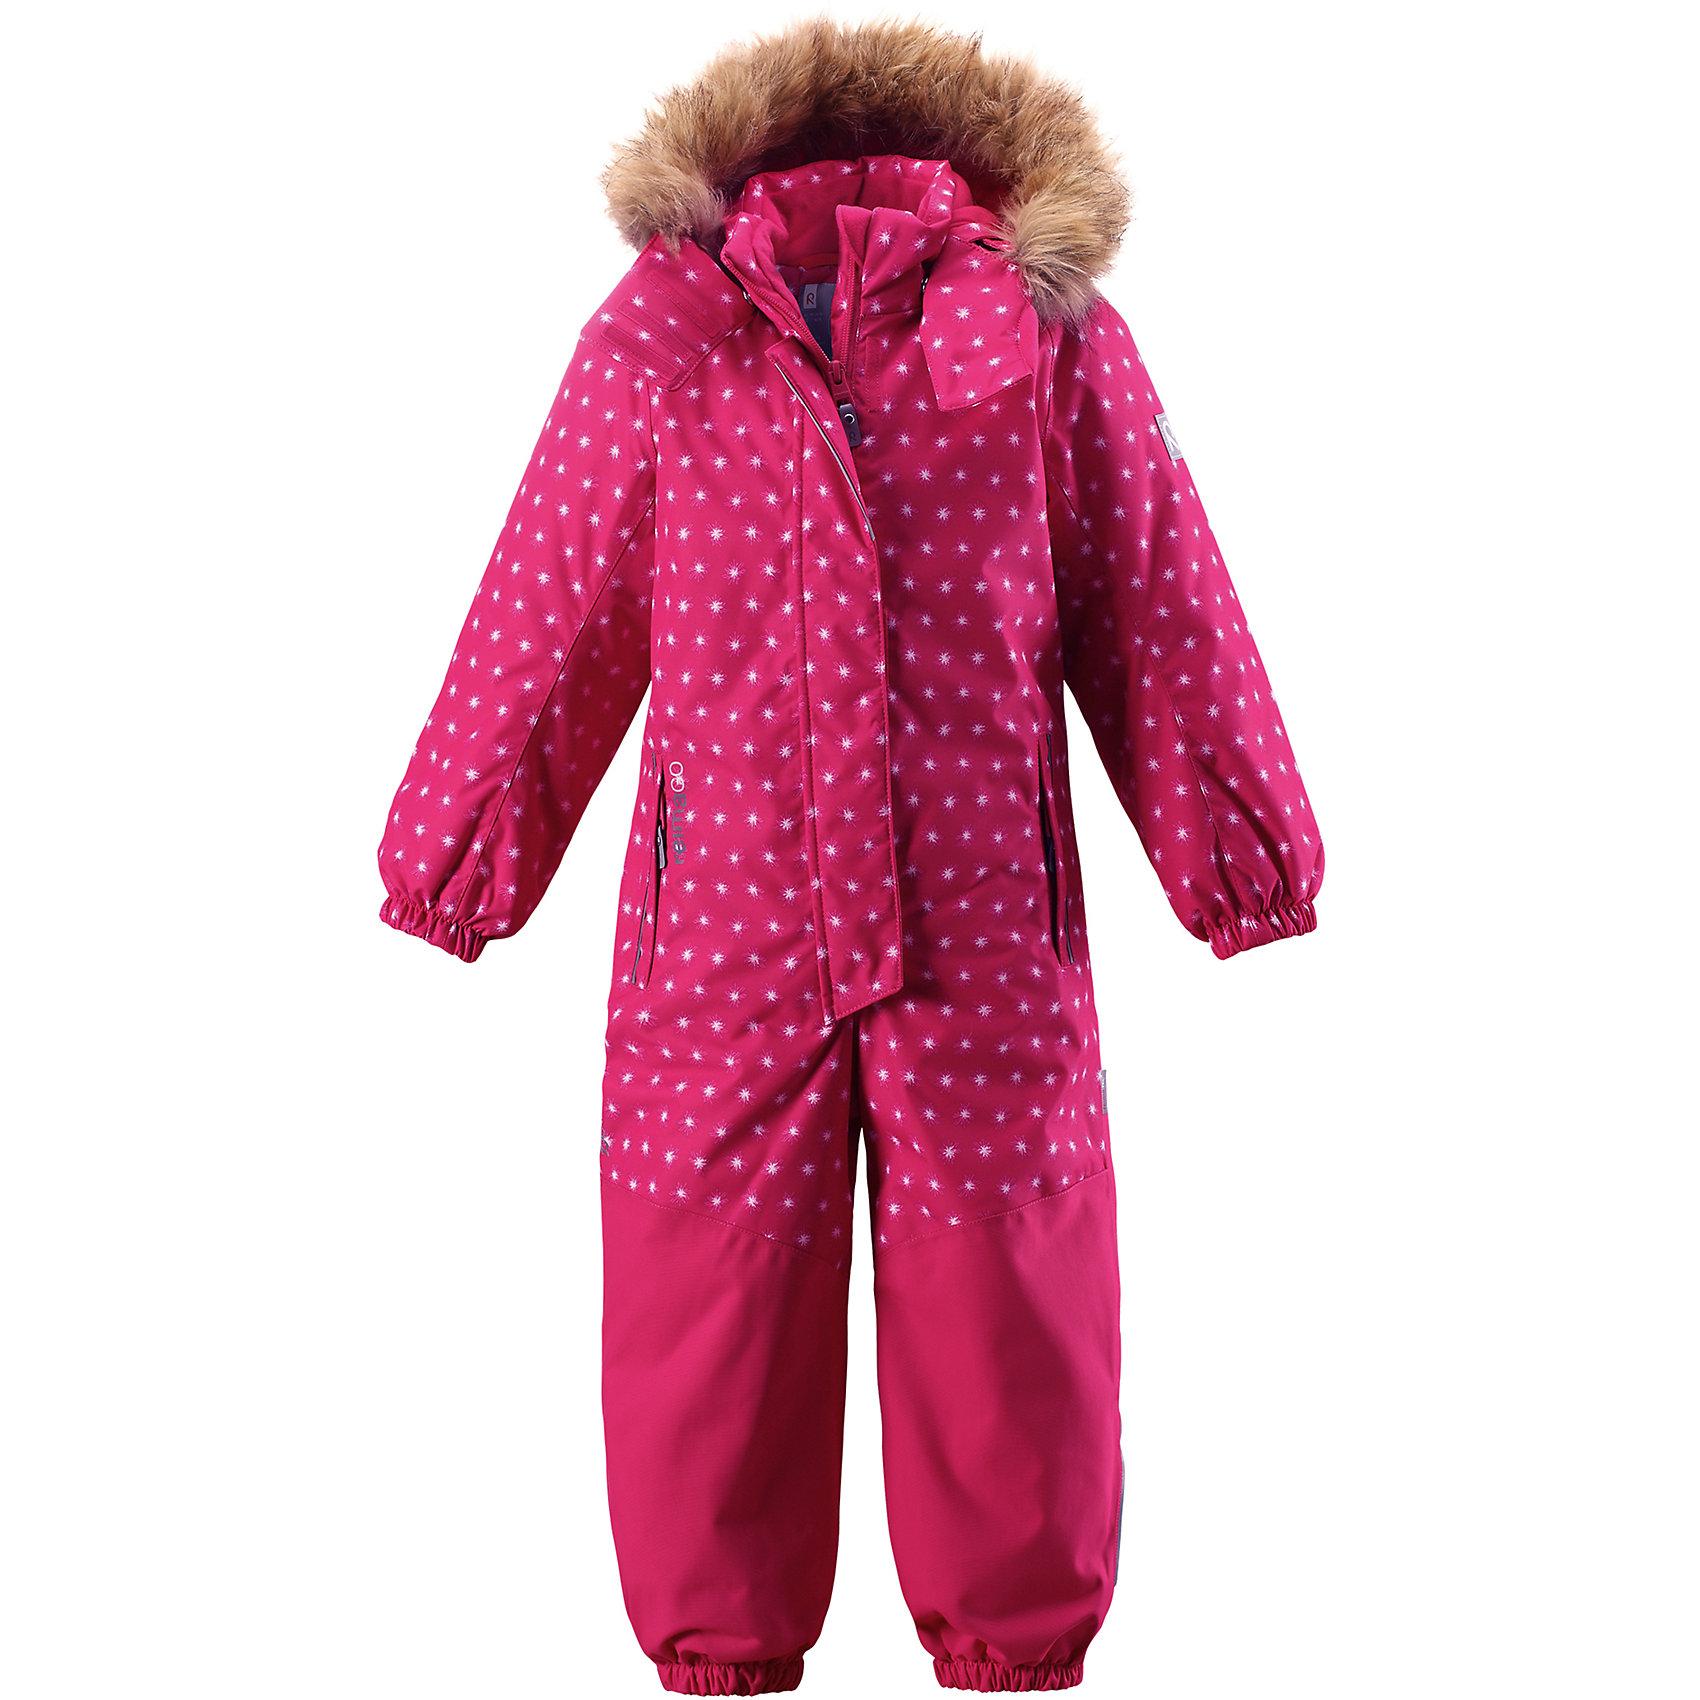 Комбинезон Reimatec® Reima Oulu для девочкиВерхняя одежда<br>Характеристики товара:<br><br>• цвет: розовый;<br>• состав: 100% полиэстер;<br>• подкладка: 100% полиэстер;<br>• утеплитель: 160 г/м2<br>• температурный режим: от 0 до -20С;<br>• сезон: зима; <br>• водонепроницаемость: 15000/12000 мм;<br>• воздухопроницаемость: 8000/7000 мм;<br>• износостойкость: 40000/80000 циклов (тест Мартиндейла);<br>• водо- и ветронепроницаемый, дышащий и грязеотталкивающий материал;<br>• прочные усиленные вставки внизу, на коленях и снизу на ногах;<br>• все швы проклеены и водонепроницаемы;<br>• гладкая подкладка из полиэстера;<br>• эластичные манжеты;<br>• застежка: молния с защитой подбородка;<br>• безопасный съемный капюшон на кнопках;<br>• съемный искусственный мех на капюшоне;<br>• регулируемая длина брюк с помощью кнопок;<br>• внутренняя регулировка обхвата талии;<br>• прочные съемные силиконовые штрипки;<br>• два кармана на молнии;<br>• кармана с креплением для сенсора ReimaGO®;<br>• светоотражающие детали;<br>• страна бренда: Финляндия;<br>• страна изготовитель: Китай.<br><br>Непромокаемый и прочный детский зимний комбинезон Reimatec® с полностью проклеенными швами. Суперпрочные усиления на задней части, коленях и концах брючин. Этот практичный комбинезон изготовлен из ветронепроницаемого и дышащего материала. Комбинезон снабжен гладкой подкладкой из полиэстера. <br><br>В этом комбинезоне талия легко регулируется, что позволяет подогнать комбинезон точно по фигуре. А еще он снабжен эластичными манжетами на рукавах и концах брючин, которые регулируются застежкой на кнопках. Внутри комбинезона имеются удобные подтяжки, благодаря которым дети могут снять верхнюю часть. Подтяжки поддерживают верхнюю часть на бедрах, обеспечивая комфорт при входе в помещение и не позволяя комбинезону тащится по полу. <br><br>Съемный капюшон защищает от пронизывающего ветра, а еще он безопасен во время игр на свежем воздухе. Снабжен мягкой съемной оторочкой из искусственного меха. Кнопки легко отст